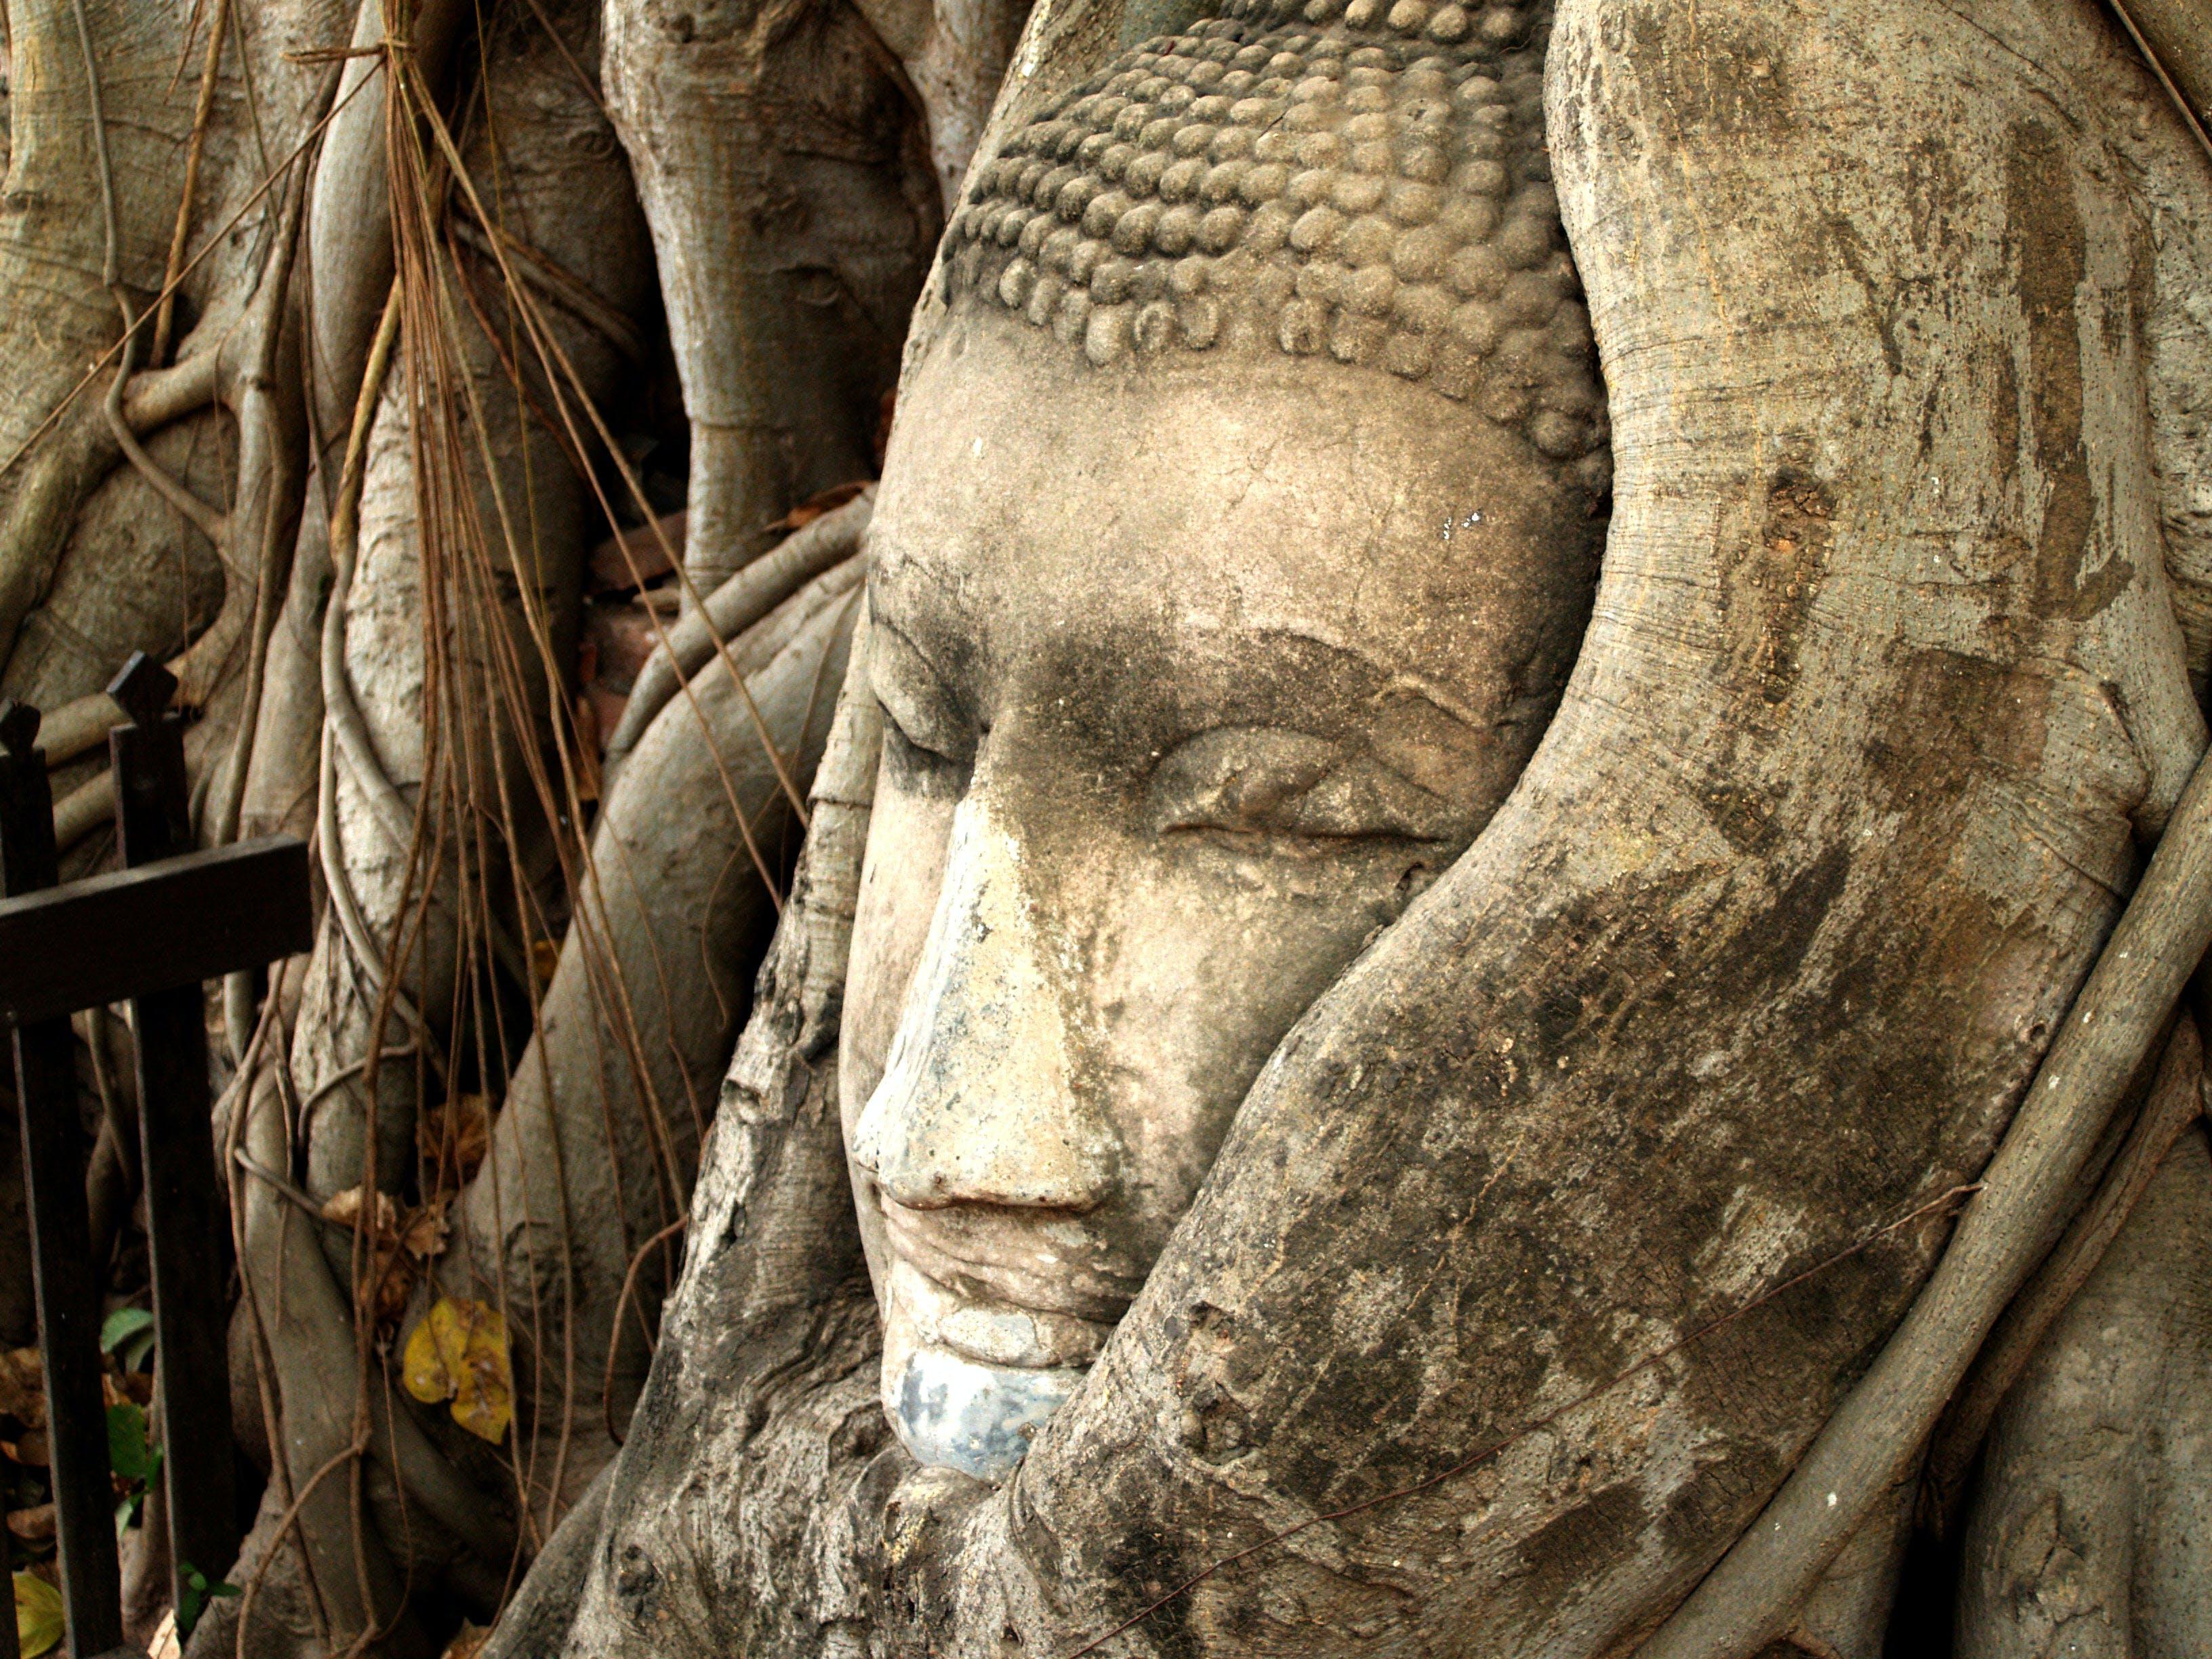 Kostenloses Stock Foto zu kunst, wahrzeichen, statue, zaun